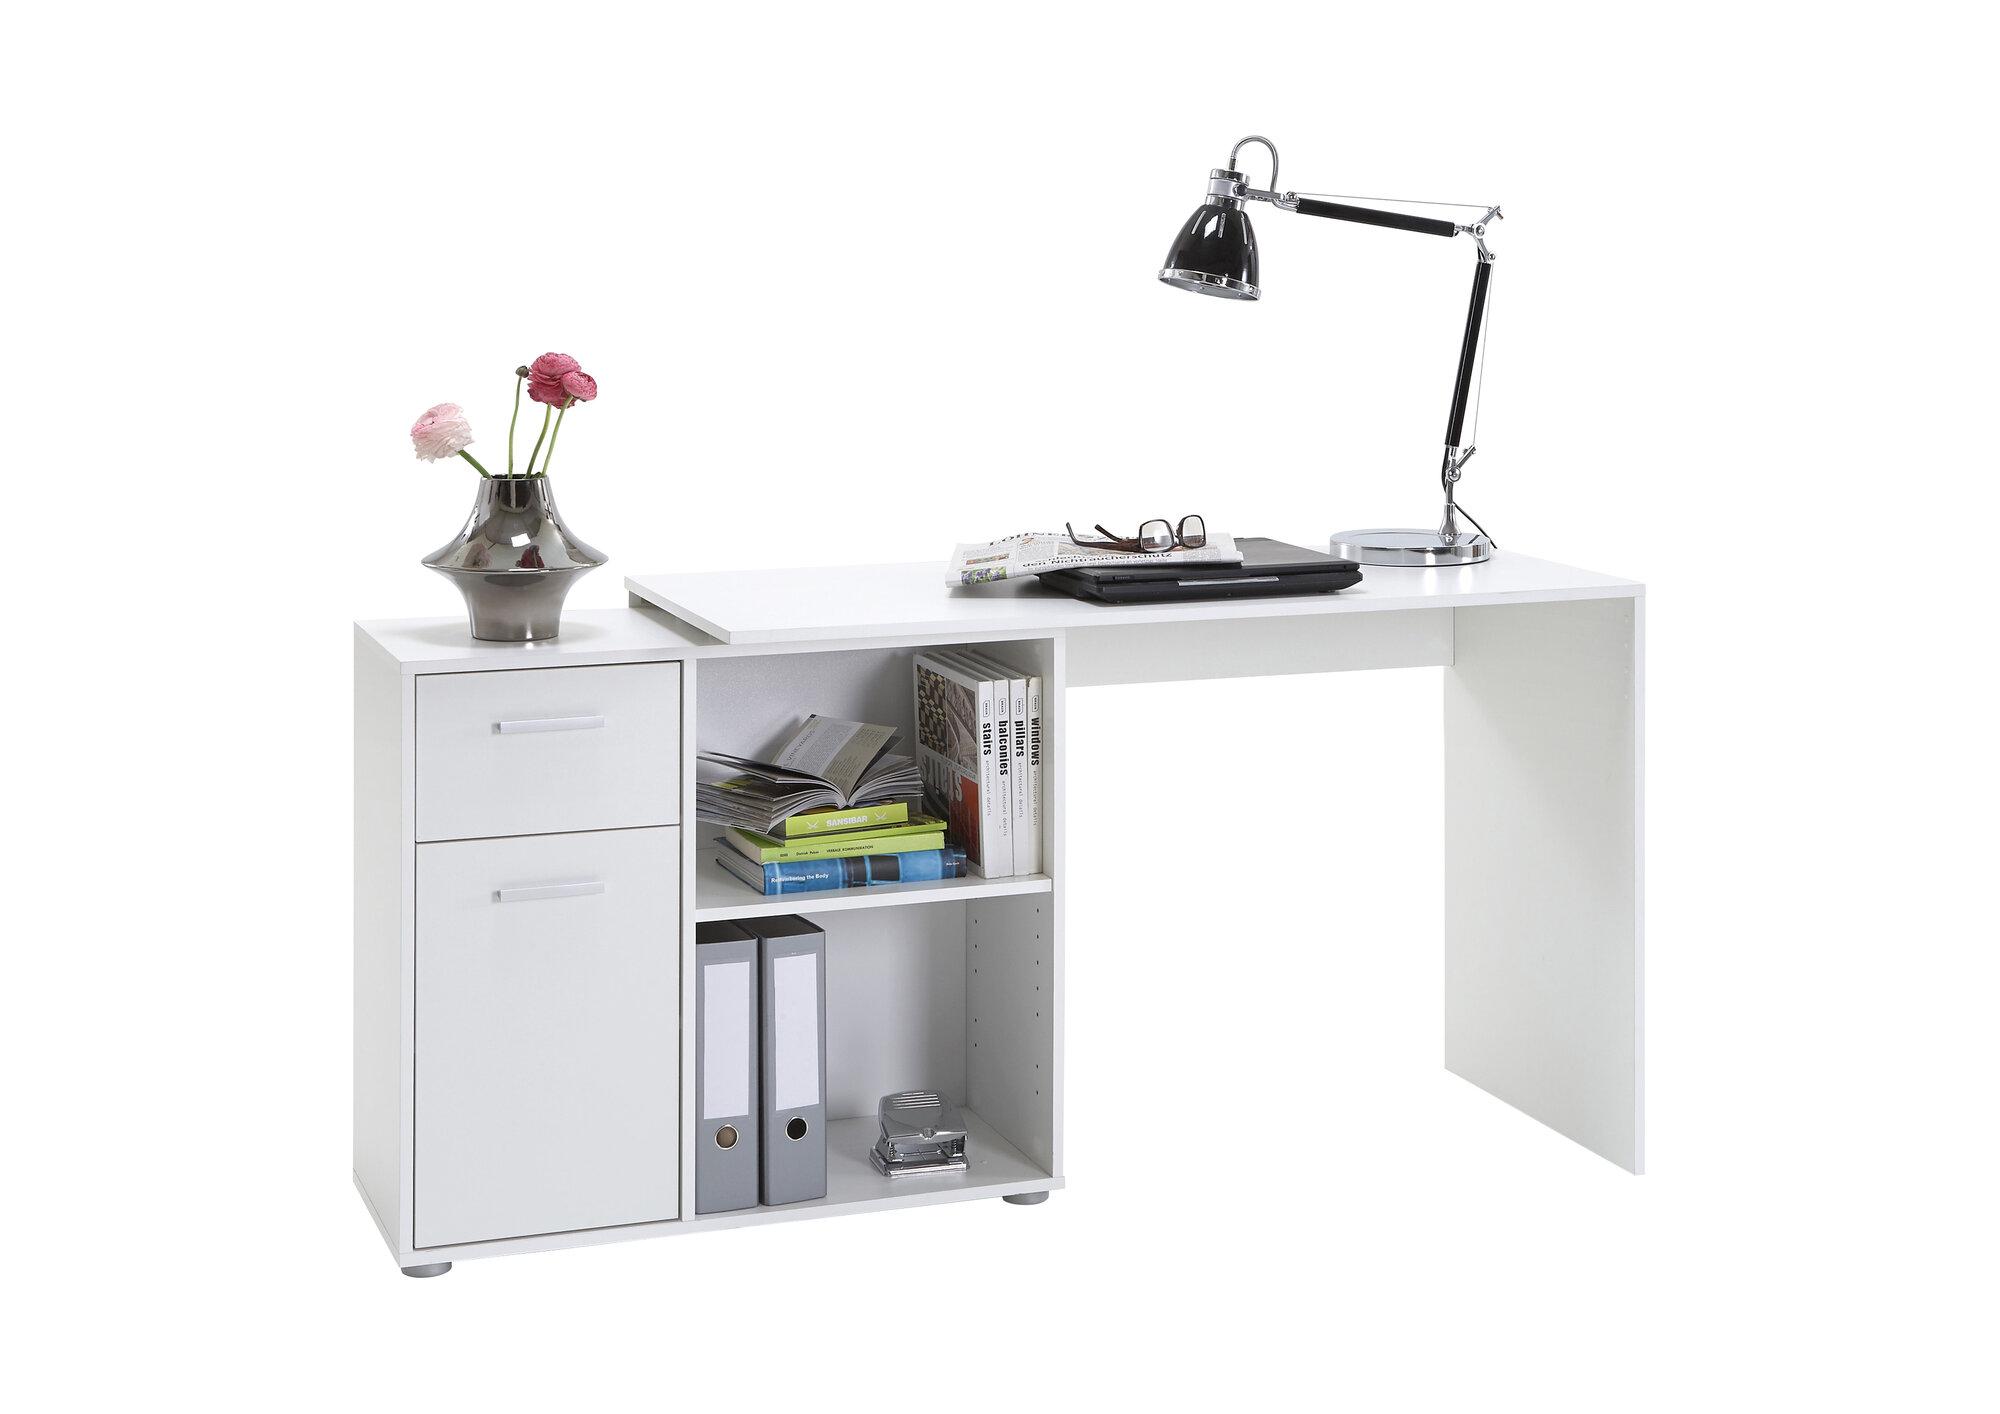 Fmd schreibtisch albrecht ebay for Schreibtisch von oben